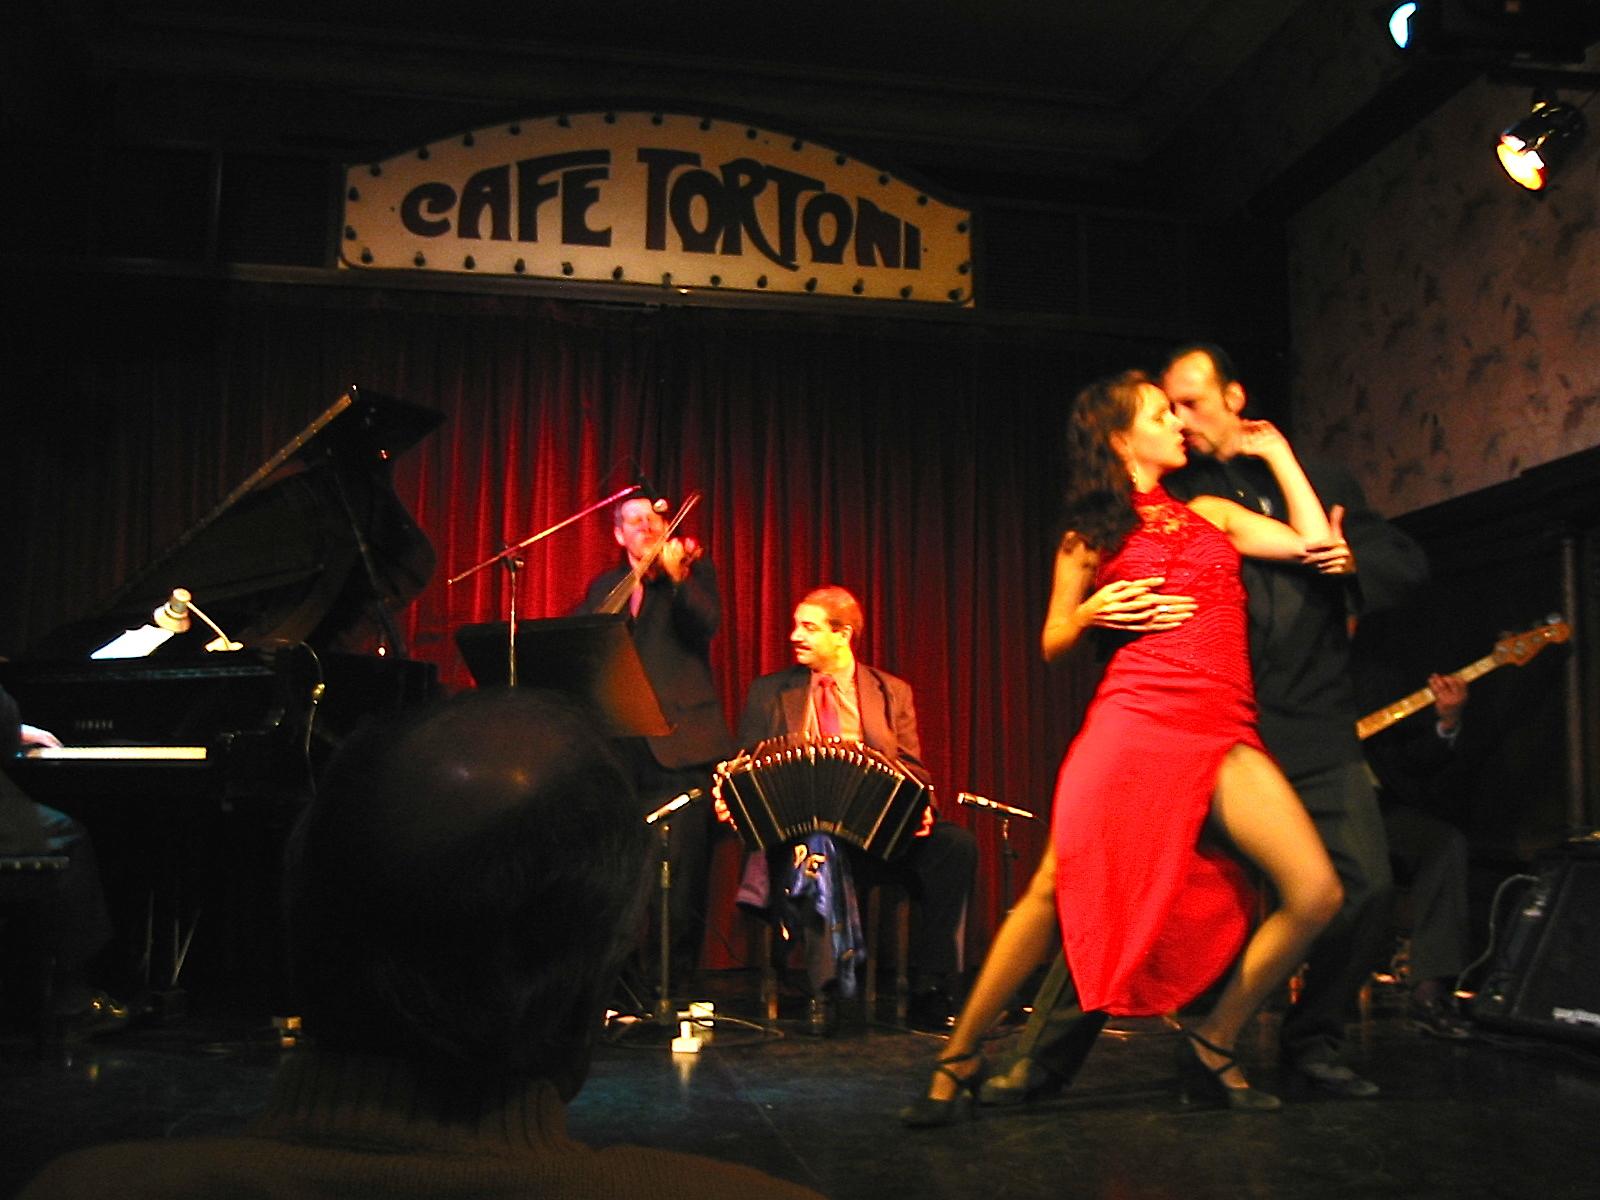 O famoso Café Tortoni, com o tango argentino na sua essência!